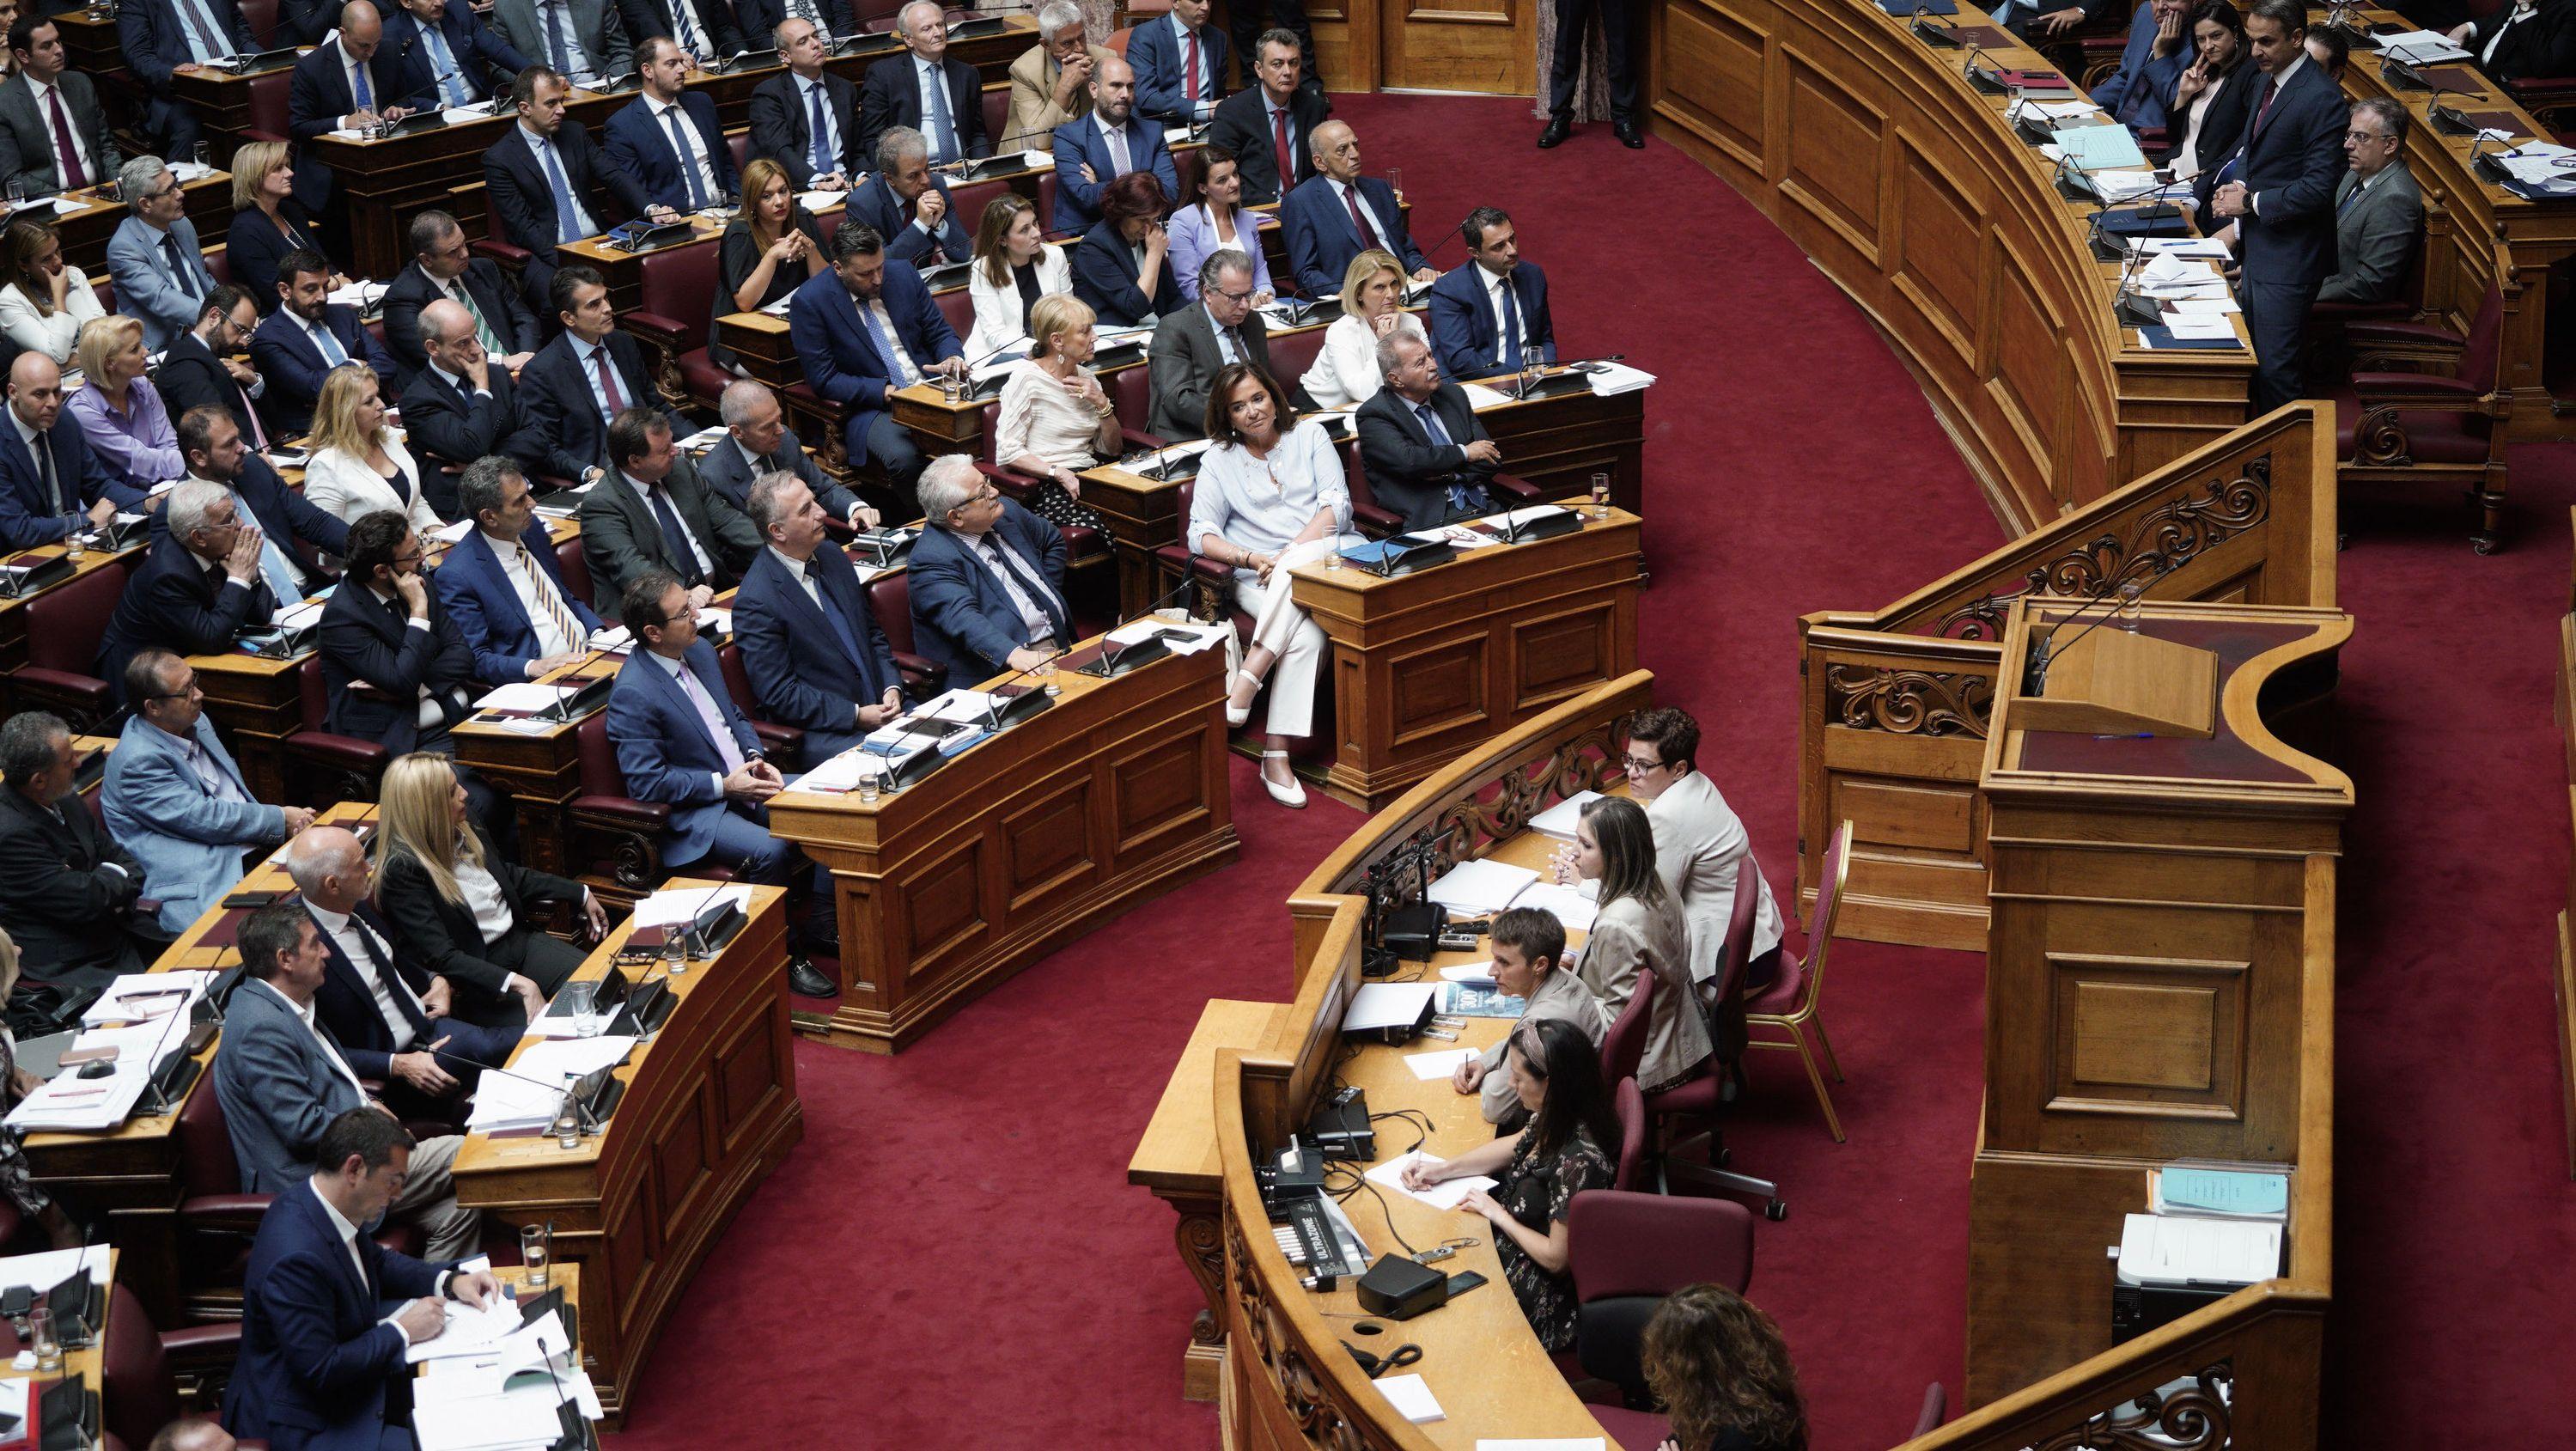 Griechisches Parlament in Athen tagt zu Universitätsasyl